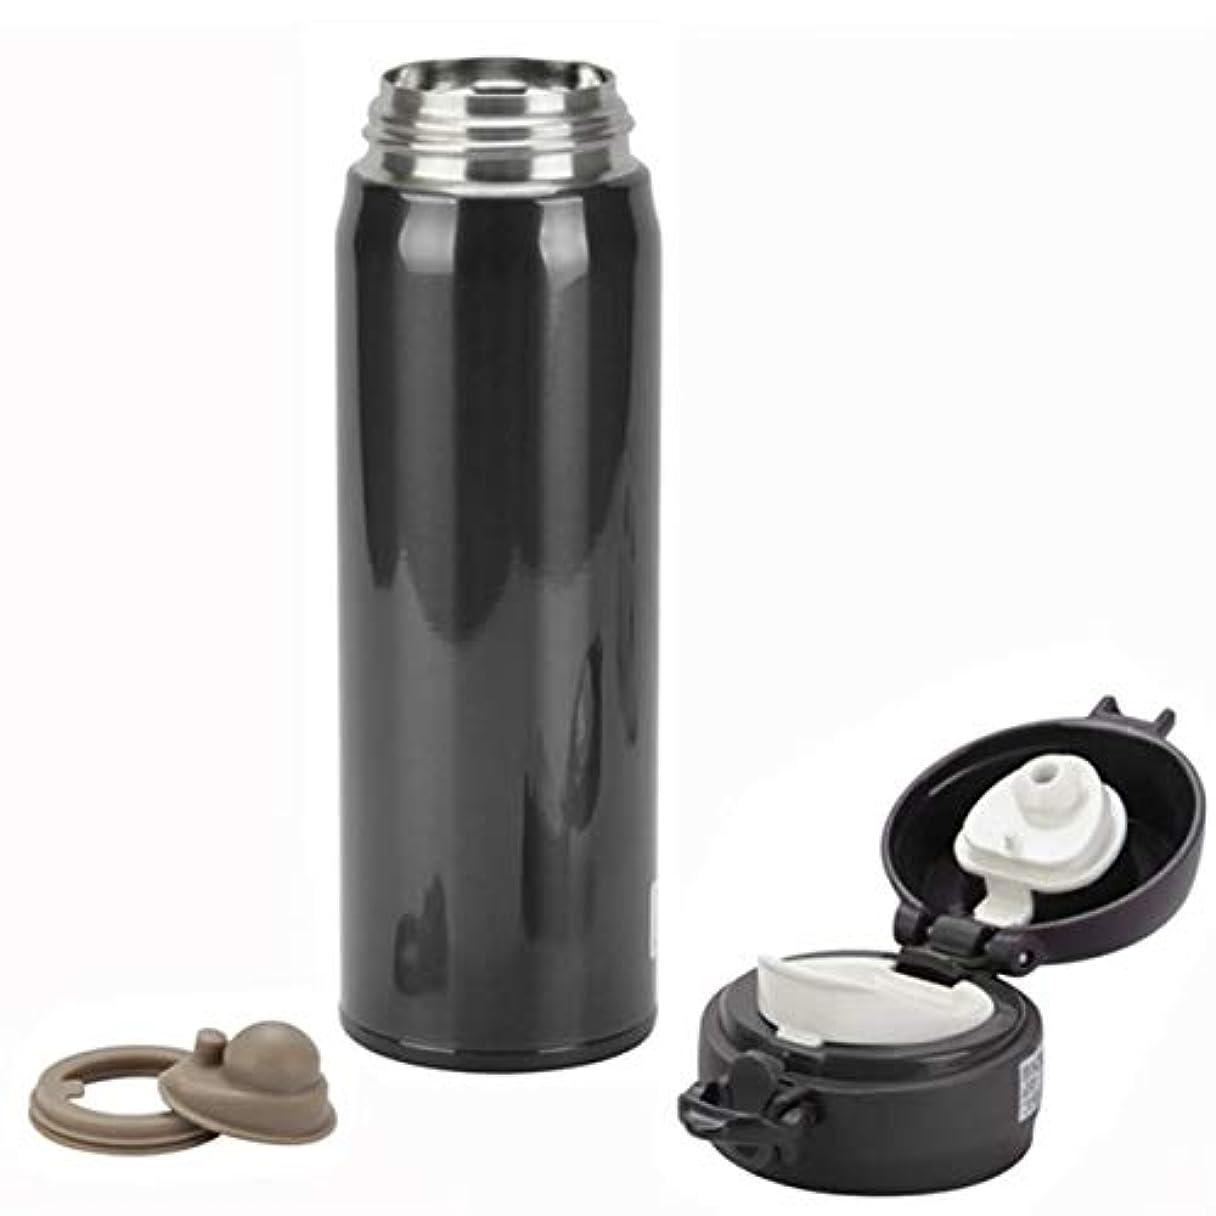 マングルおかしいなんとなくSaikogoods 真空カップ 450ミリリットル ステンレス鋼 ウォーターボトル 飲料ボトル 断熱カップ ポットを保つ運動をする ソリッドカラー シンプルなデザイン 黒